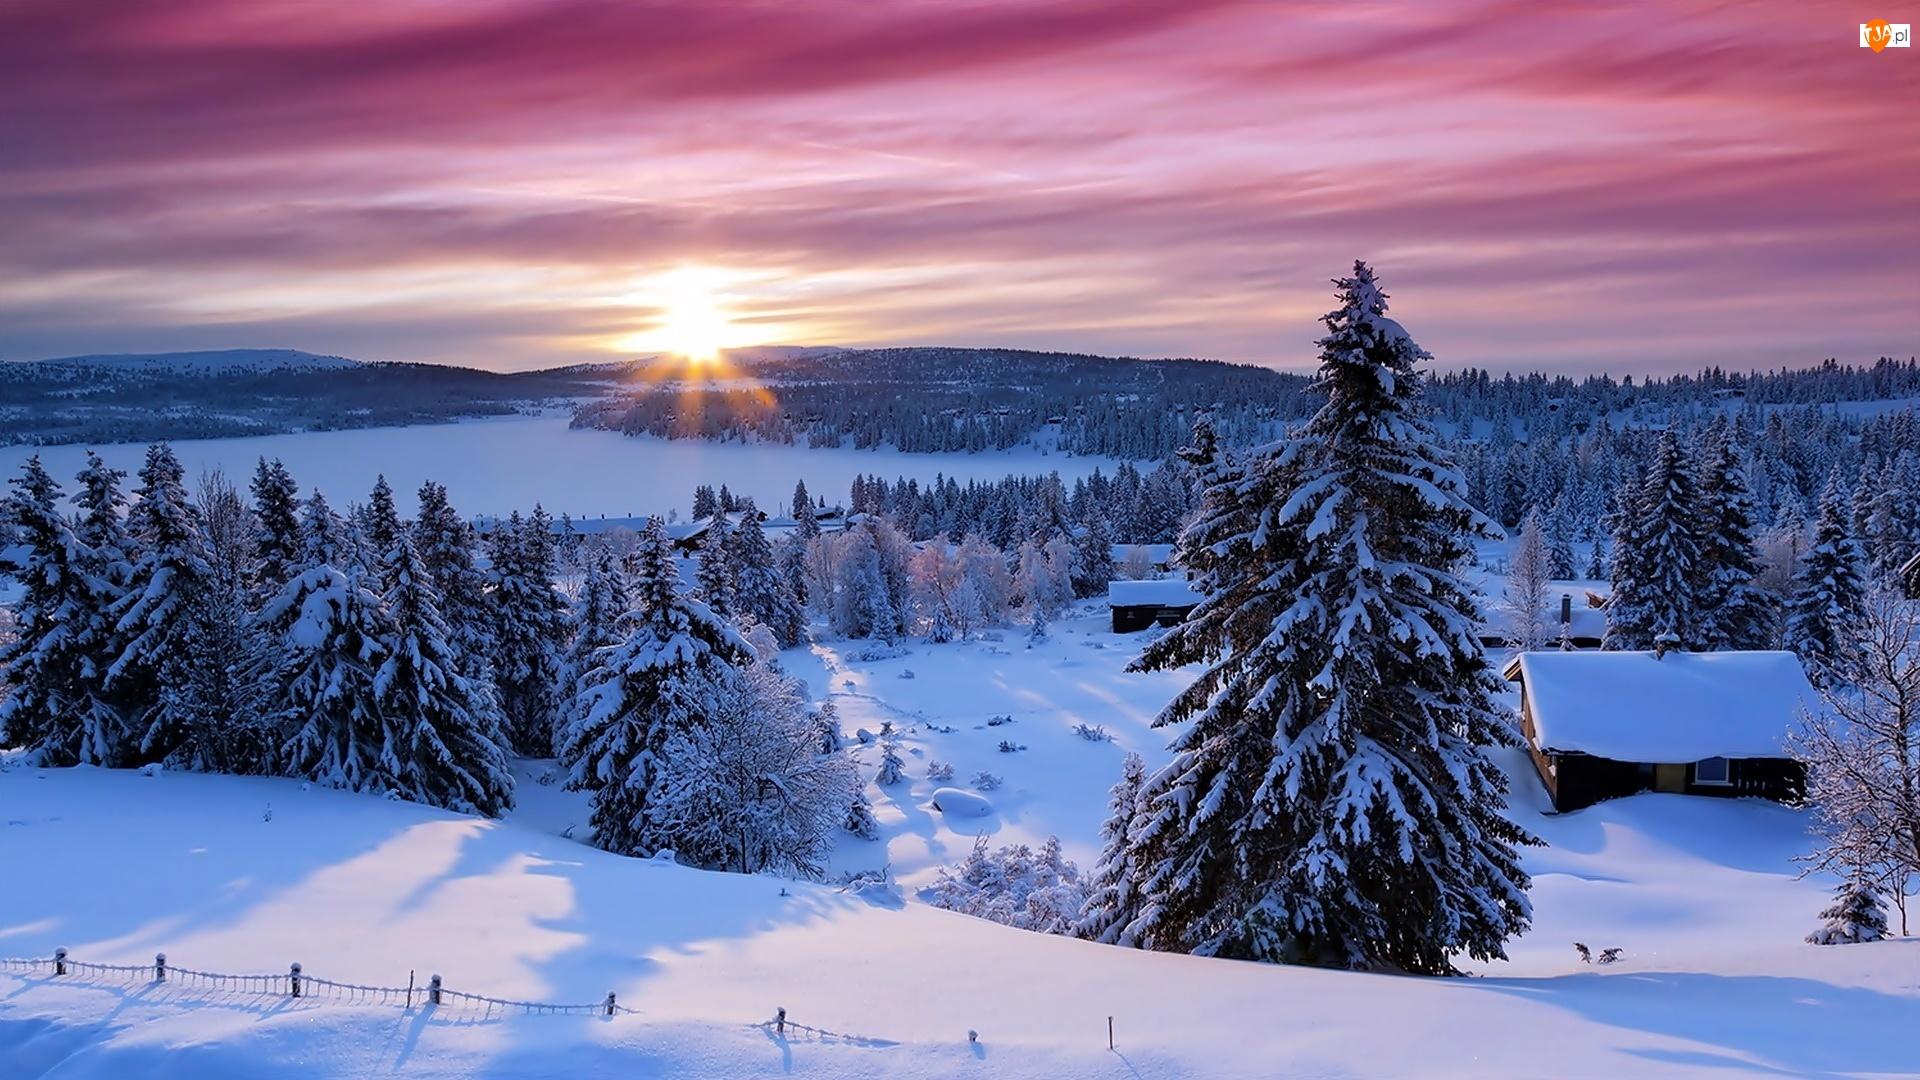 Zima, Góry, Zachód Słońca, Lasy, Wioska